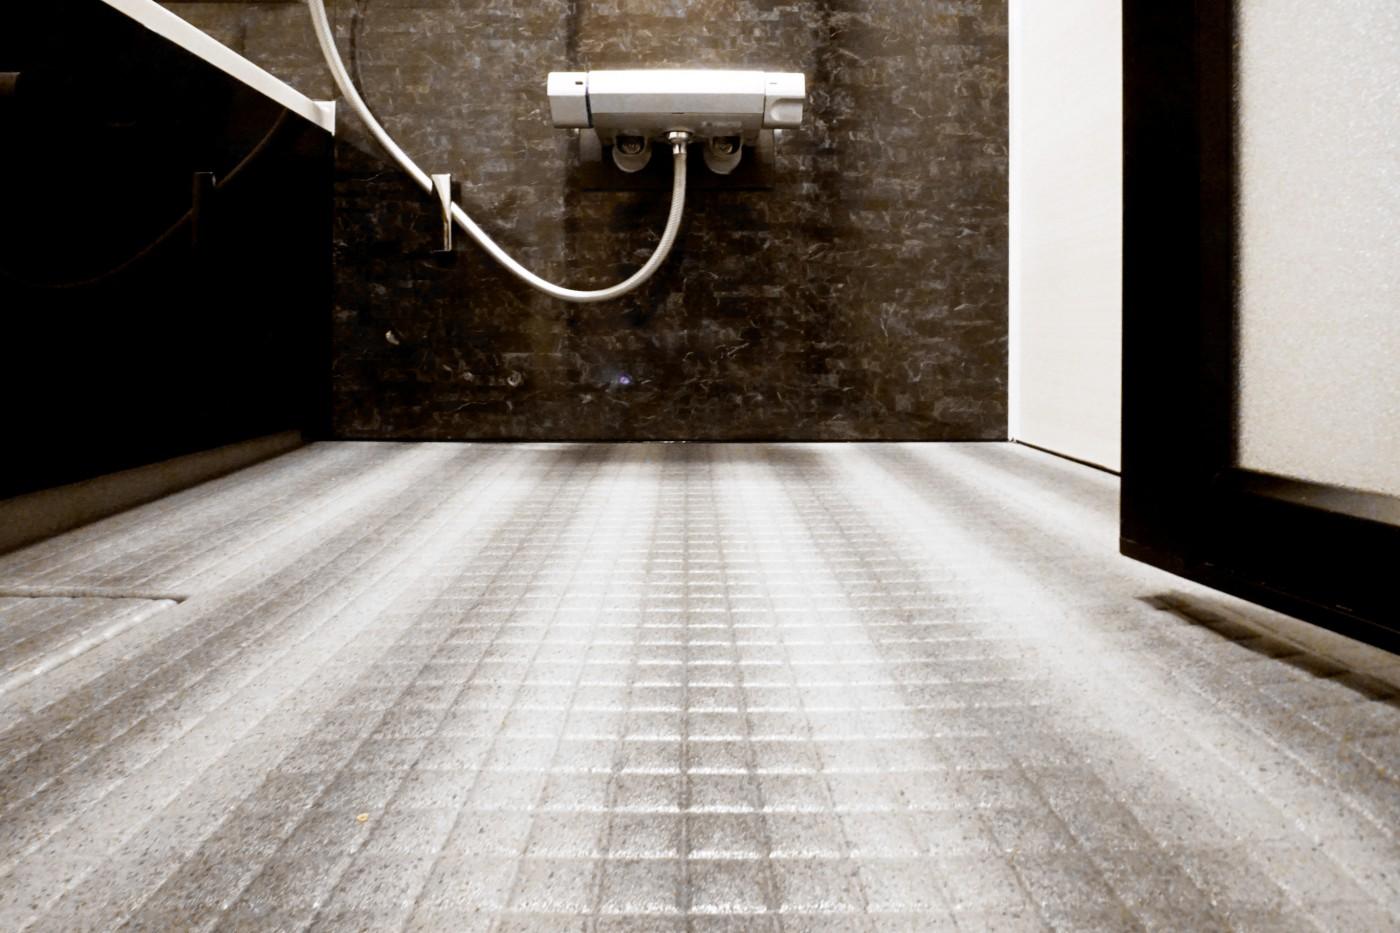 身心ともに安らぐお風呂と洗面所は、シンプルで大人の雰囲気を漂わす空間。